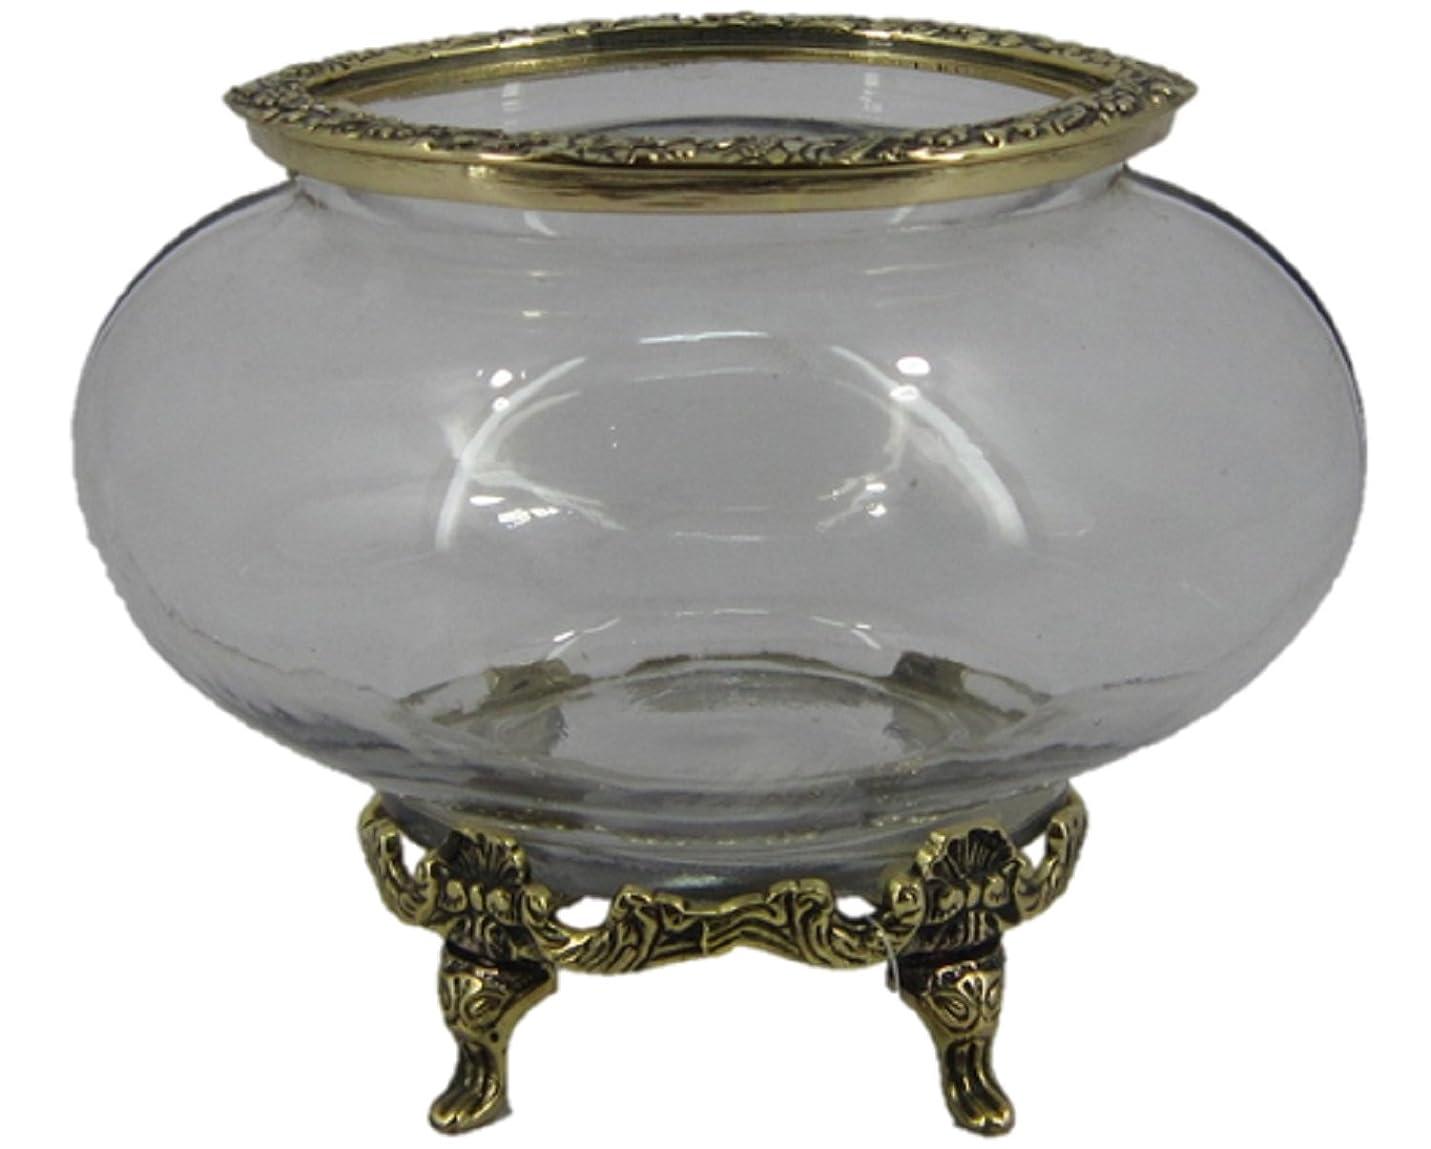 クラッシックインテリア☆花瓶☆ガラス+真鍮 60104OG